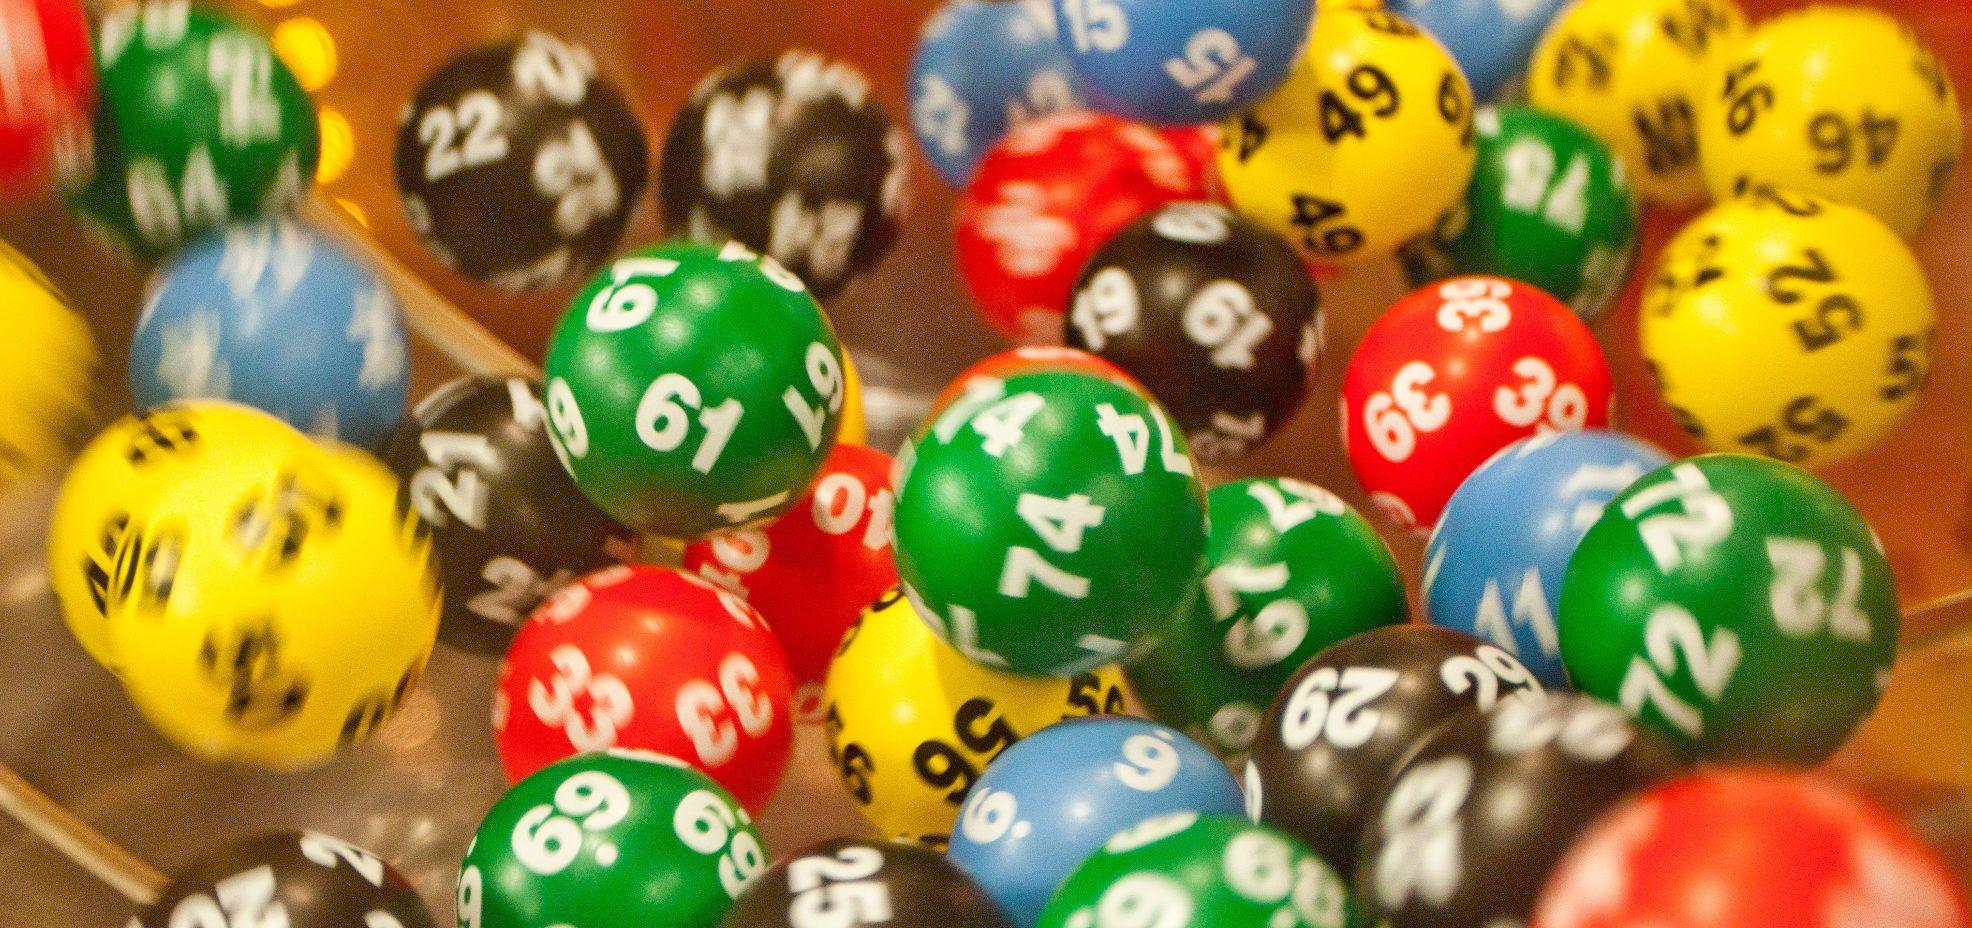 O zodíaco tem grande influência na sua sorte.Veja abaixo as nossas sugestões de números da sorte de cada signo para jogar na loteria.